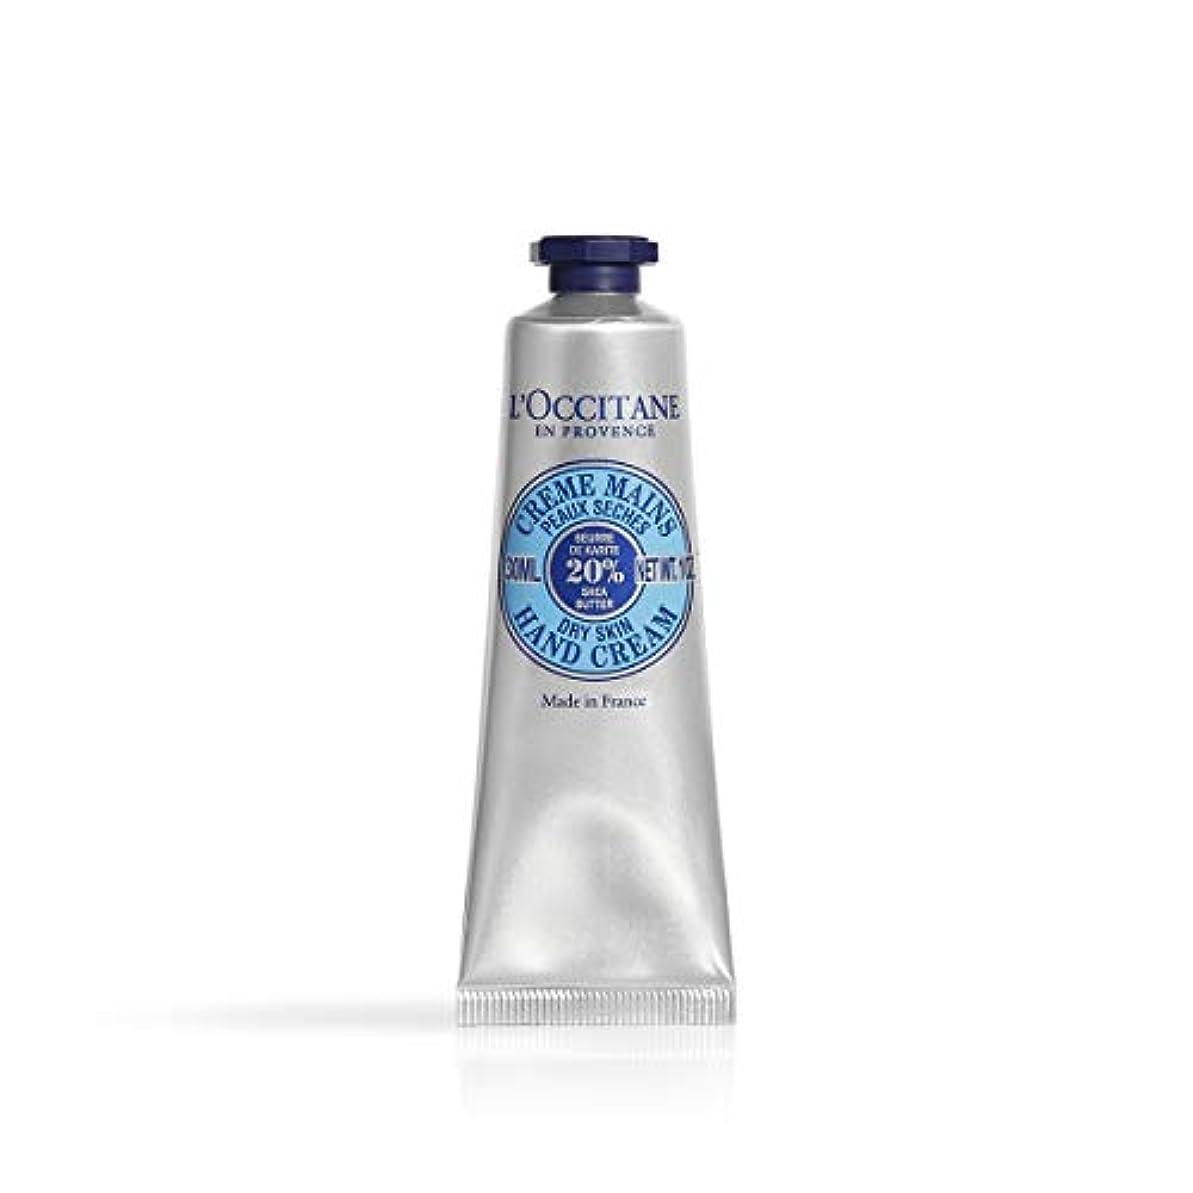 開発ヒープ滴下ロクシタン(L'OCCITANE) シア ハンドクリーム 30ml